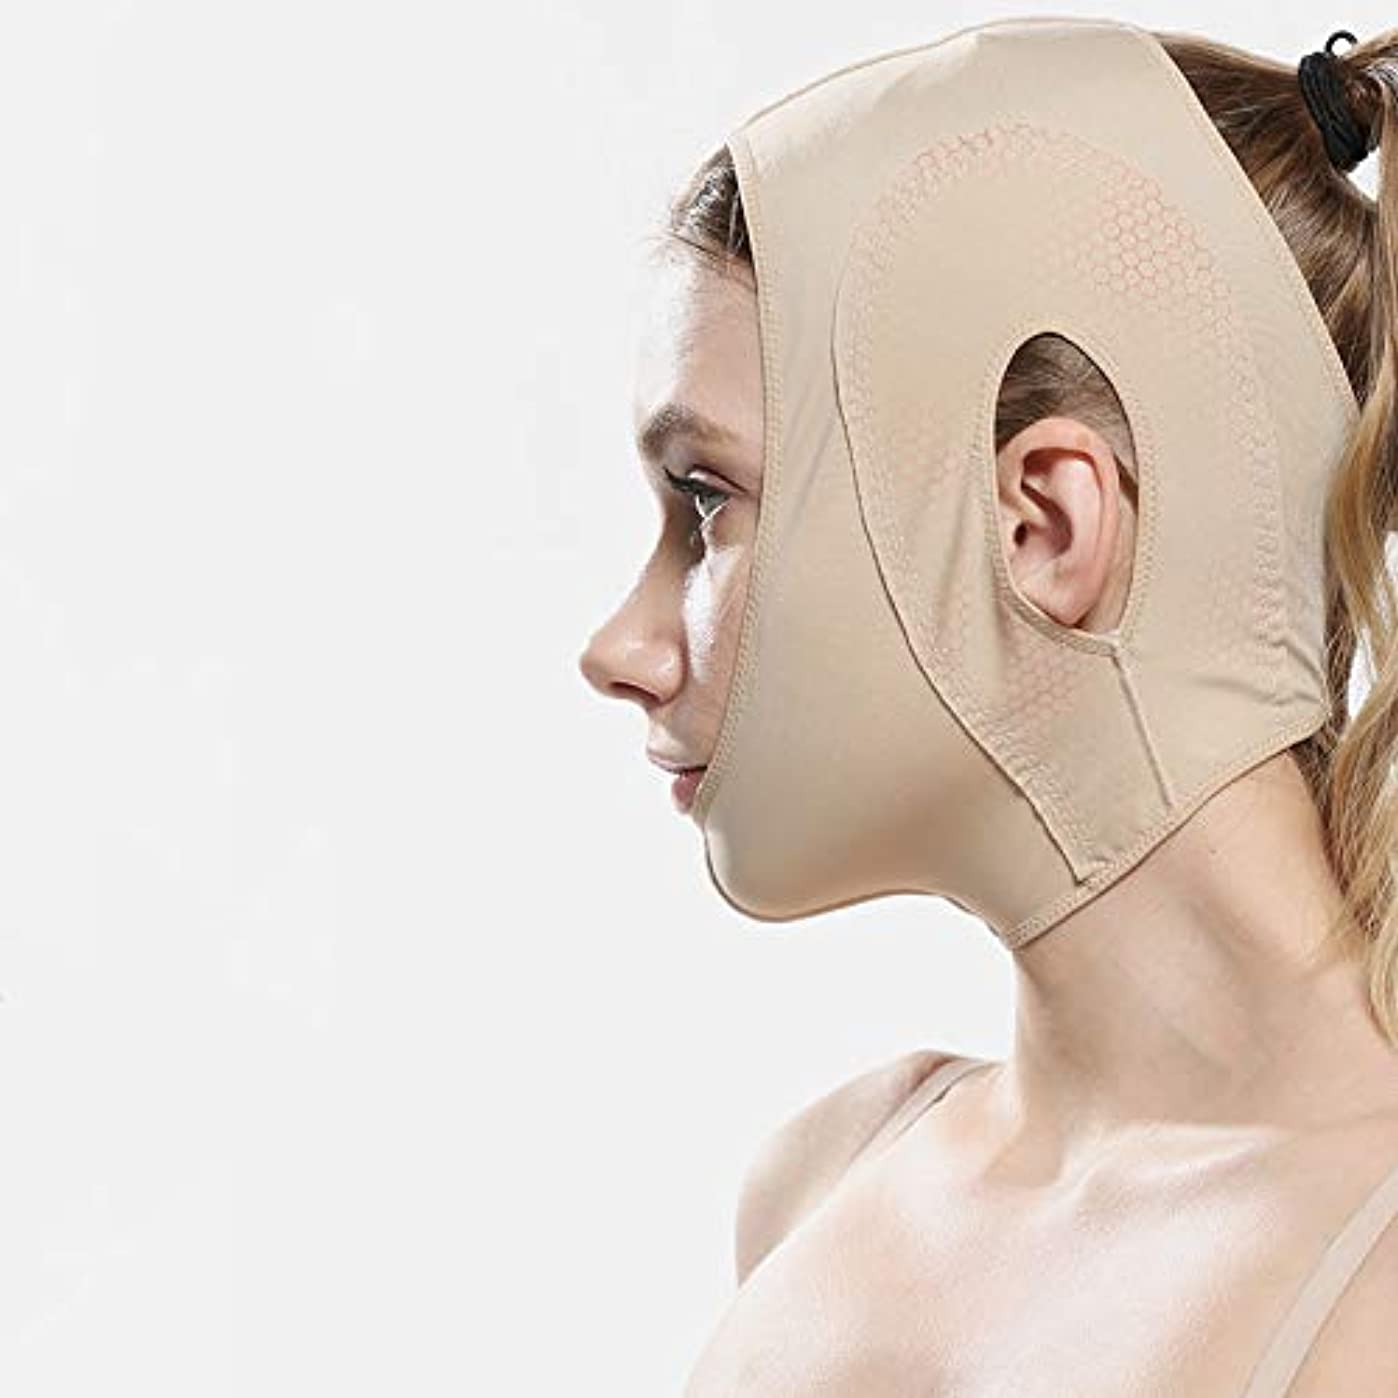 ショートカット平野横たわるスモールvフェイスマスク、しわvフェイスバンデージ/ビューティースモールvフェイスアーティファクト/リフティング引き締め(カラー)